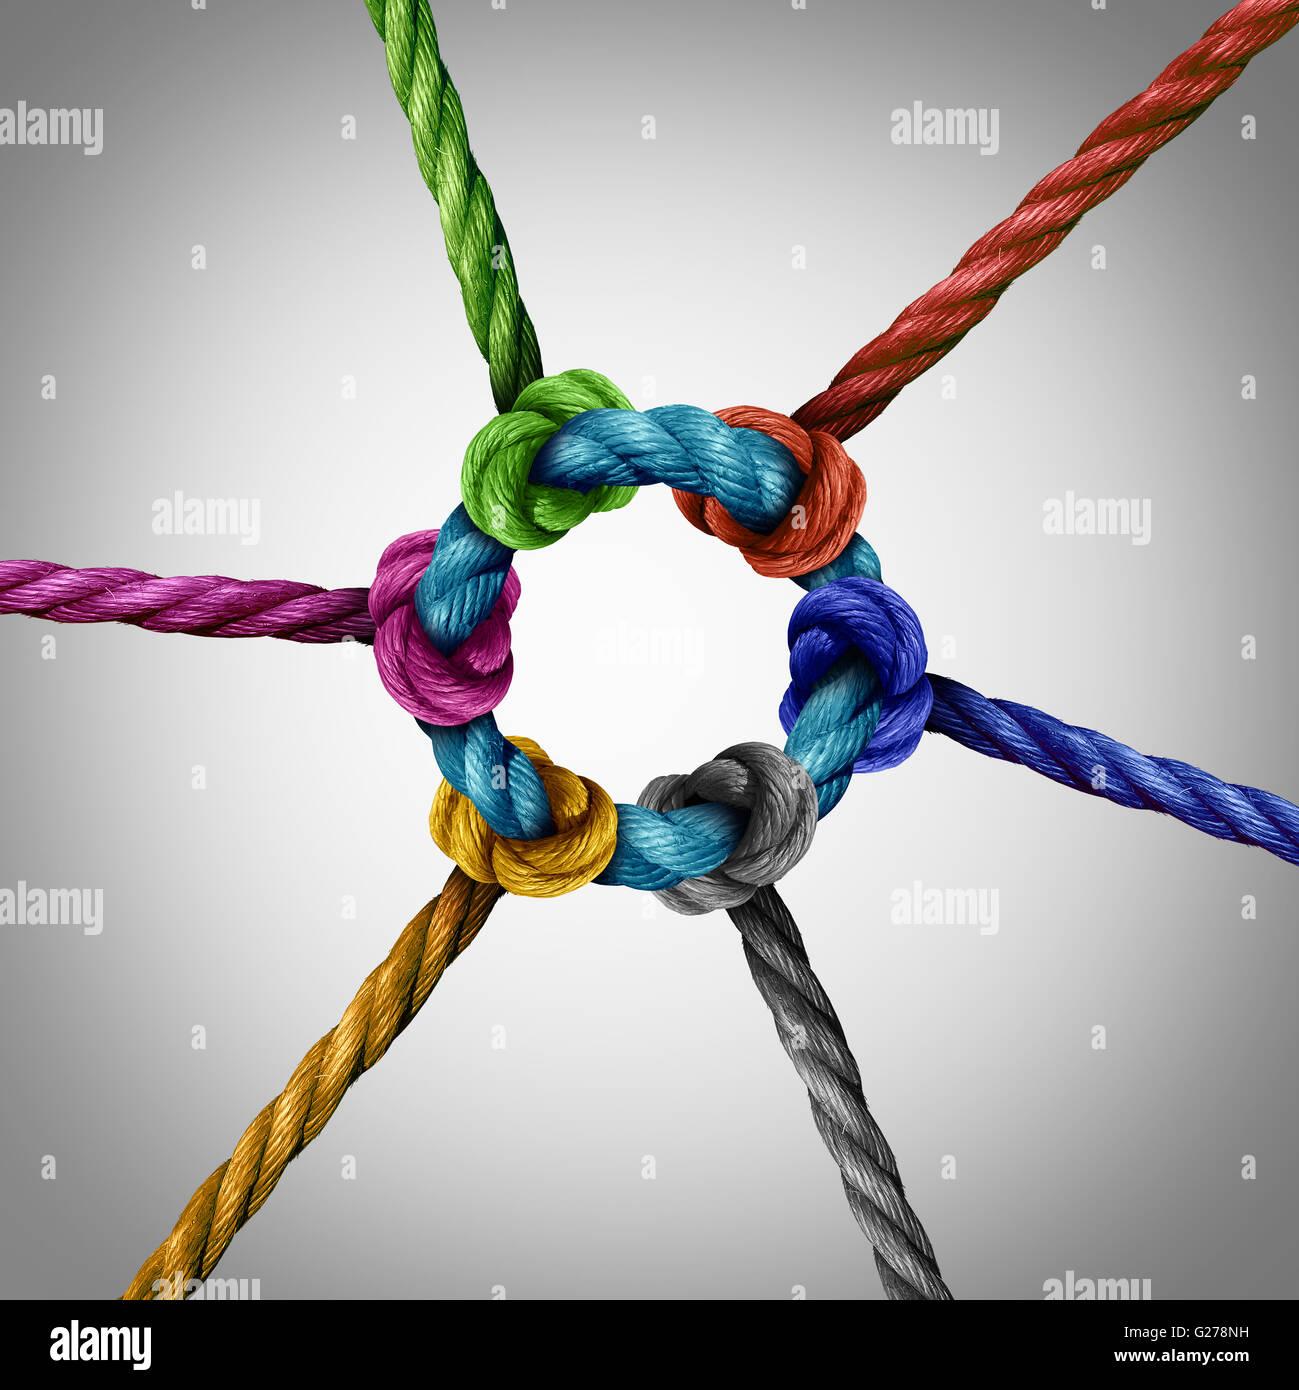 Connexion réseau Central concept d'entreprise comme un groupe de cordes différents connectés Photo Stock